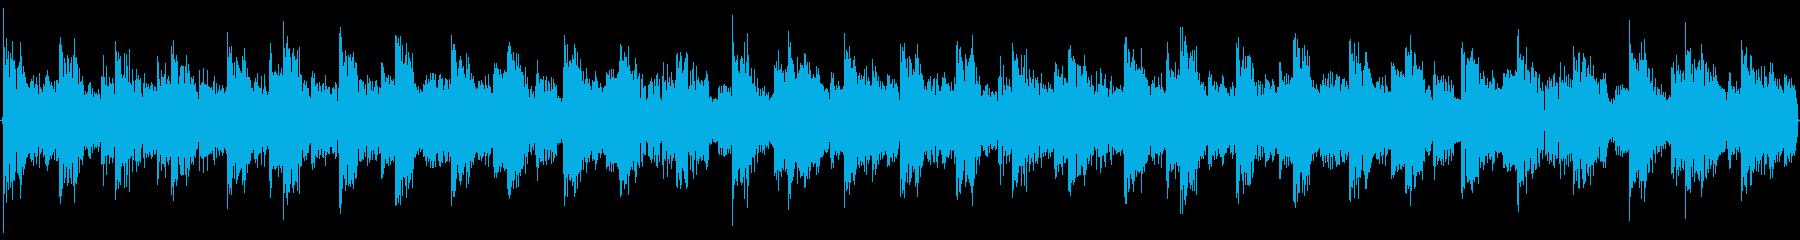 ハウス系のドラムを強調した楽曲です。の再生済みの波形